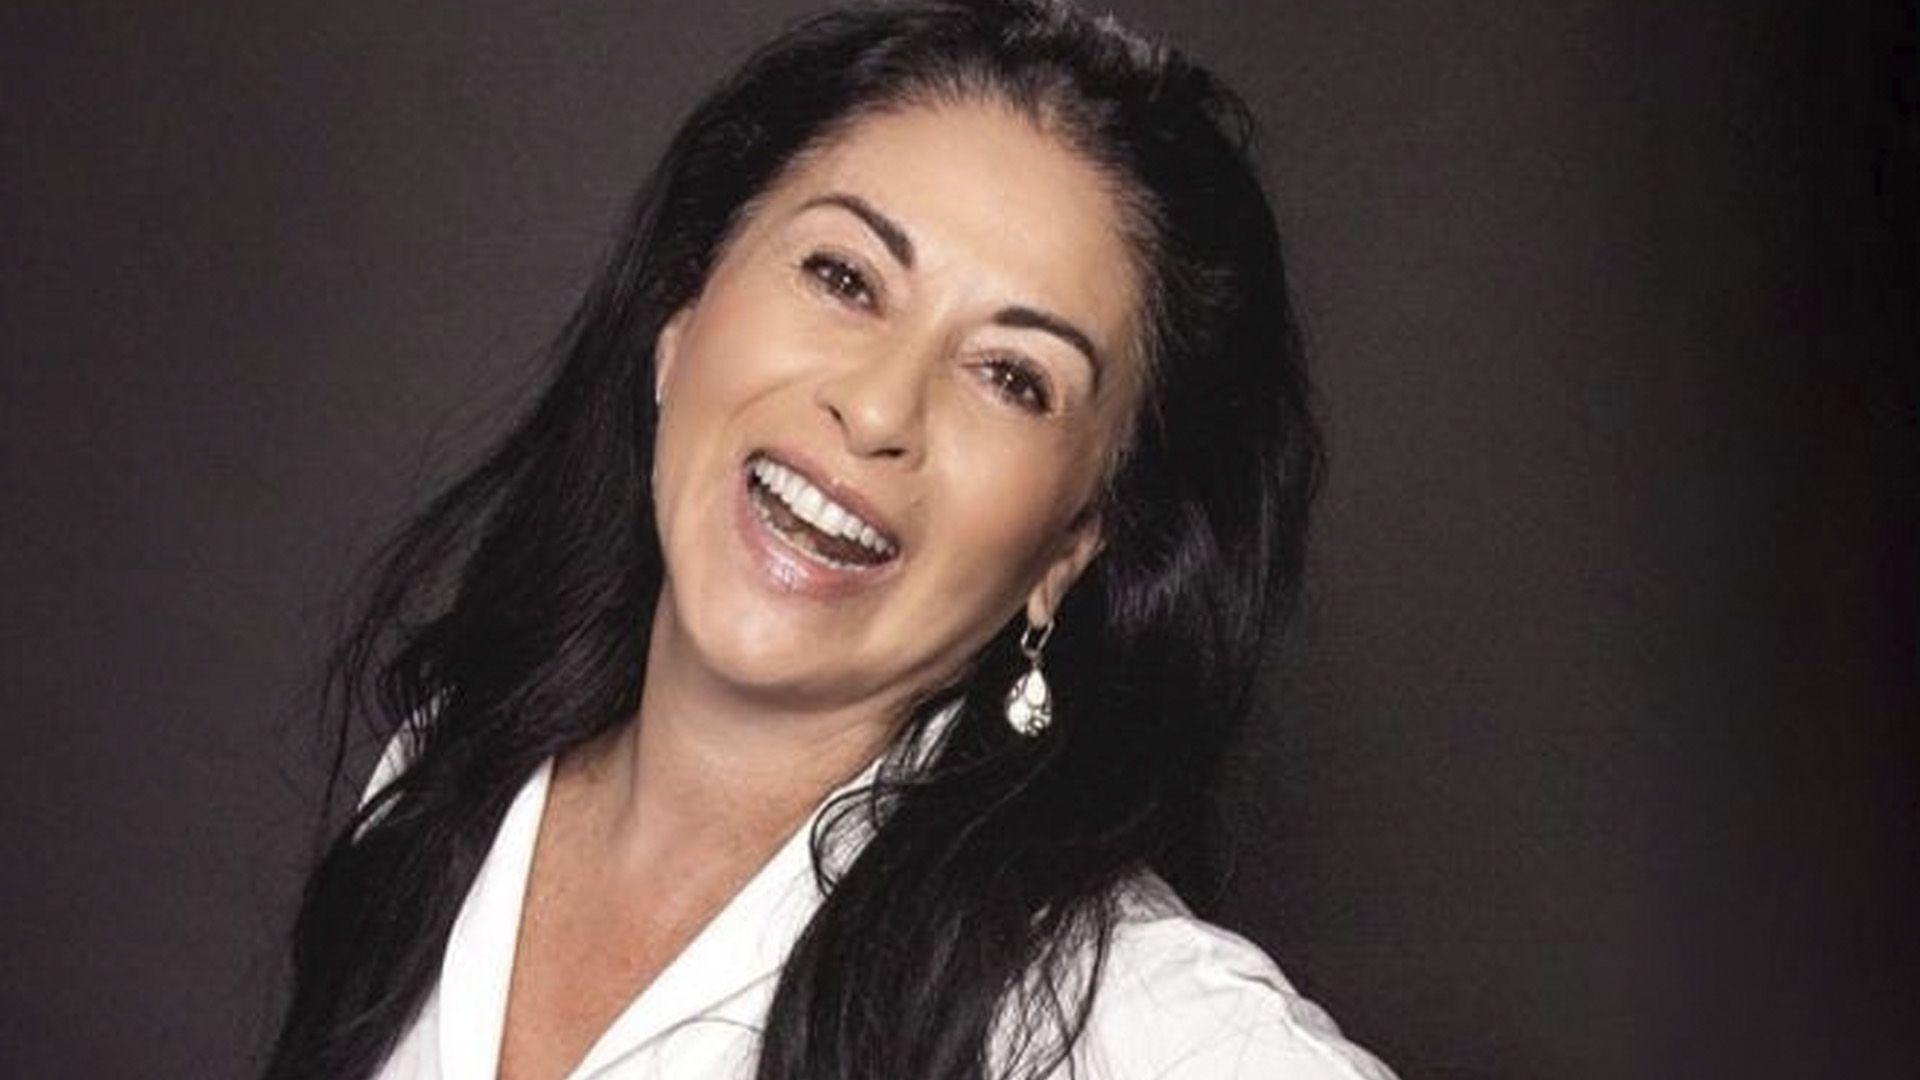 Carmen Delgado (Foto: Facebook@presidentedejubilo)